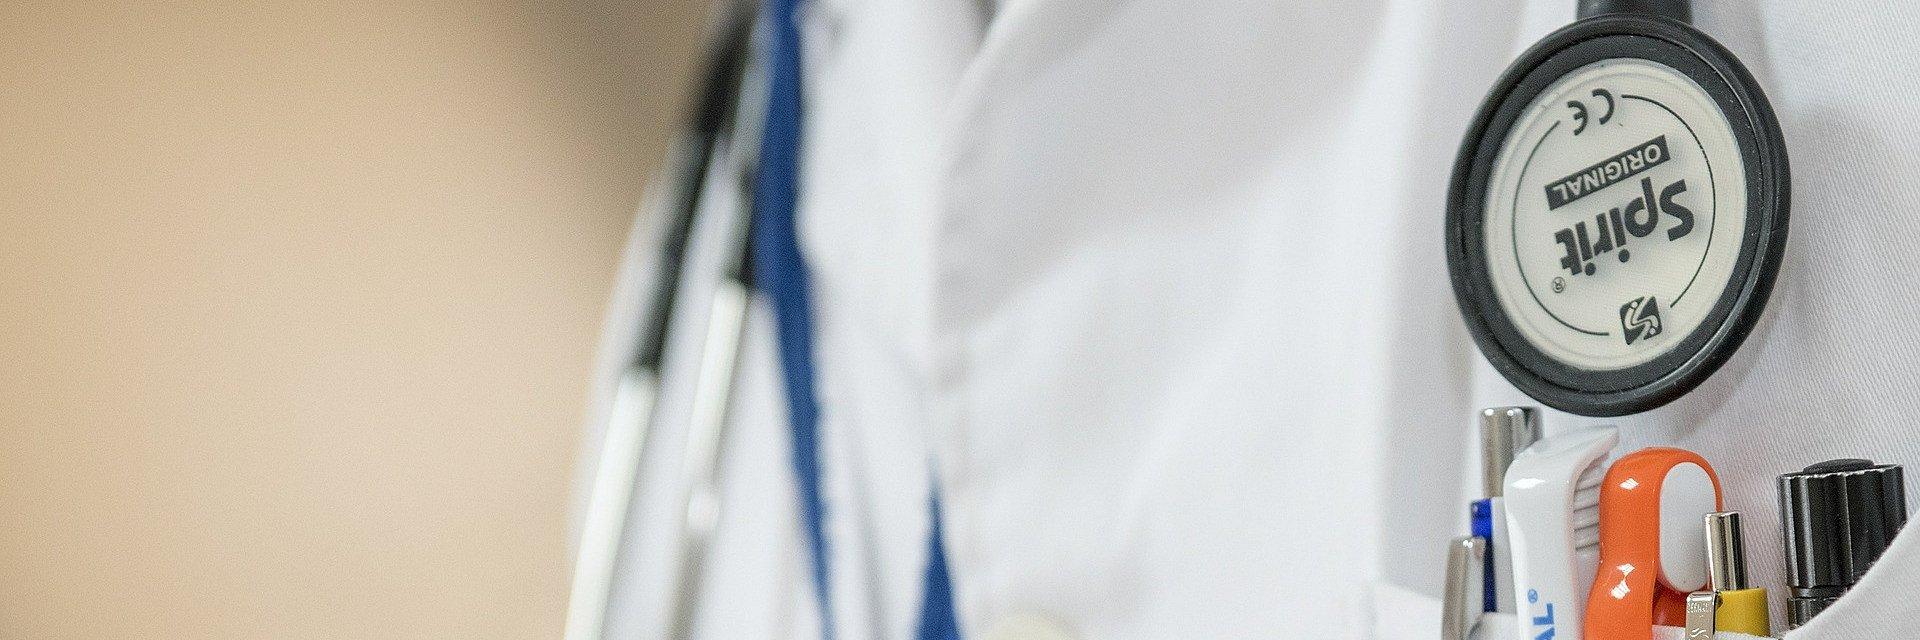 Będzie zakaz reklamowania wyrobów medycznych przez przedstawicieli zawodów medycznych?